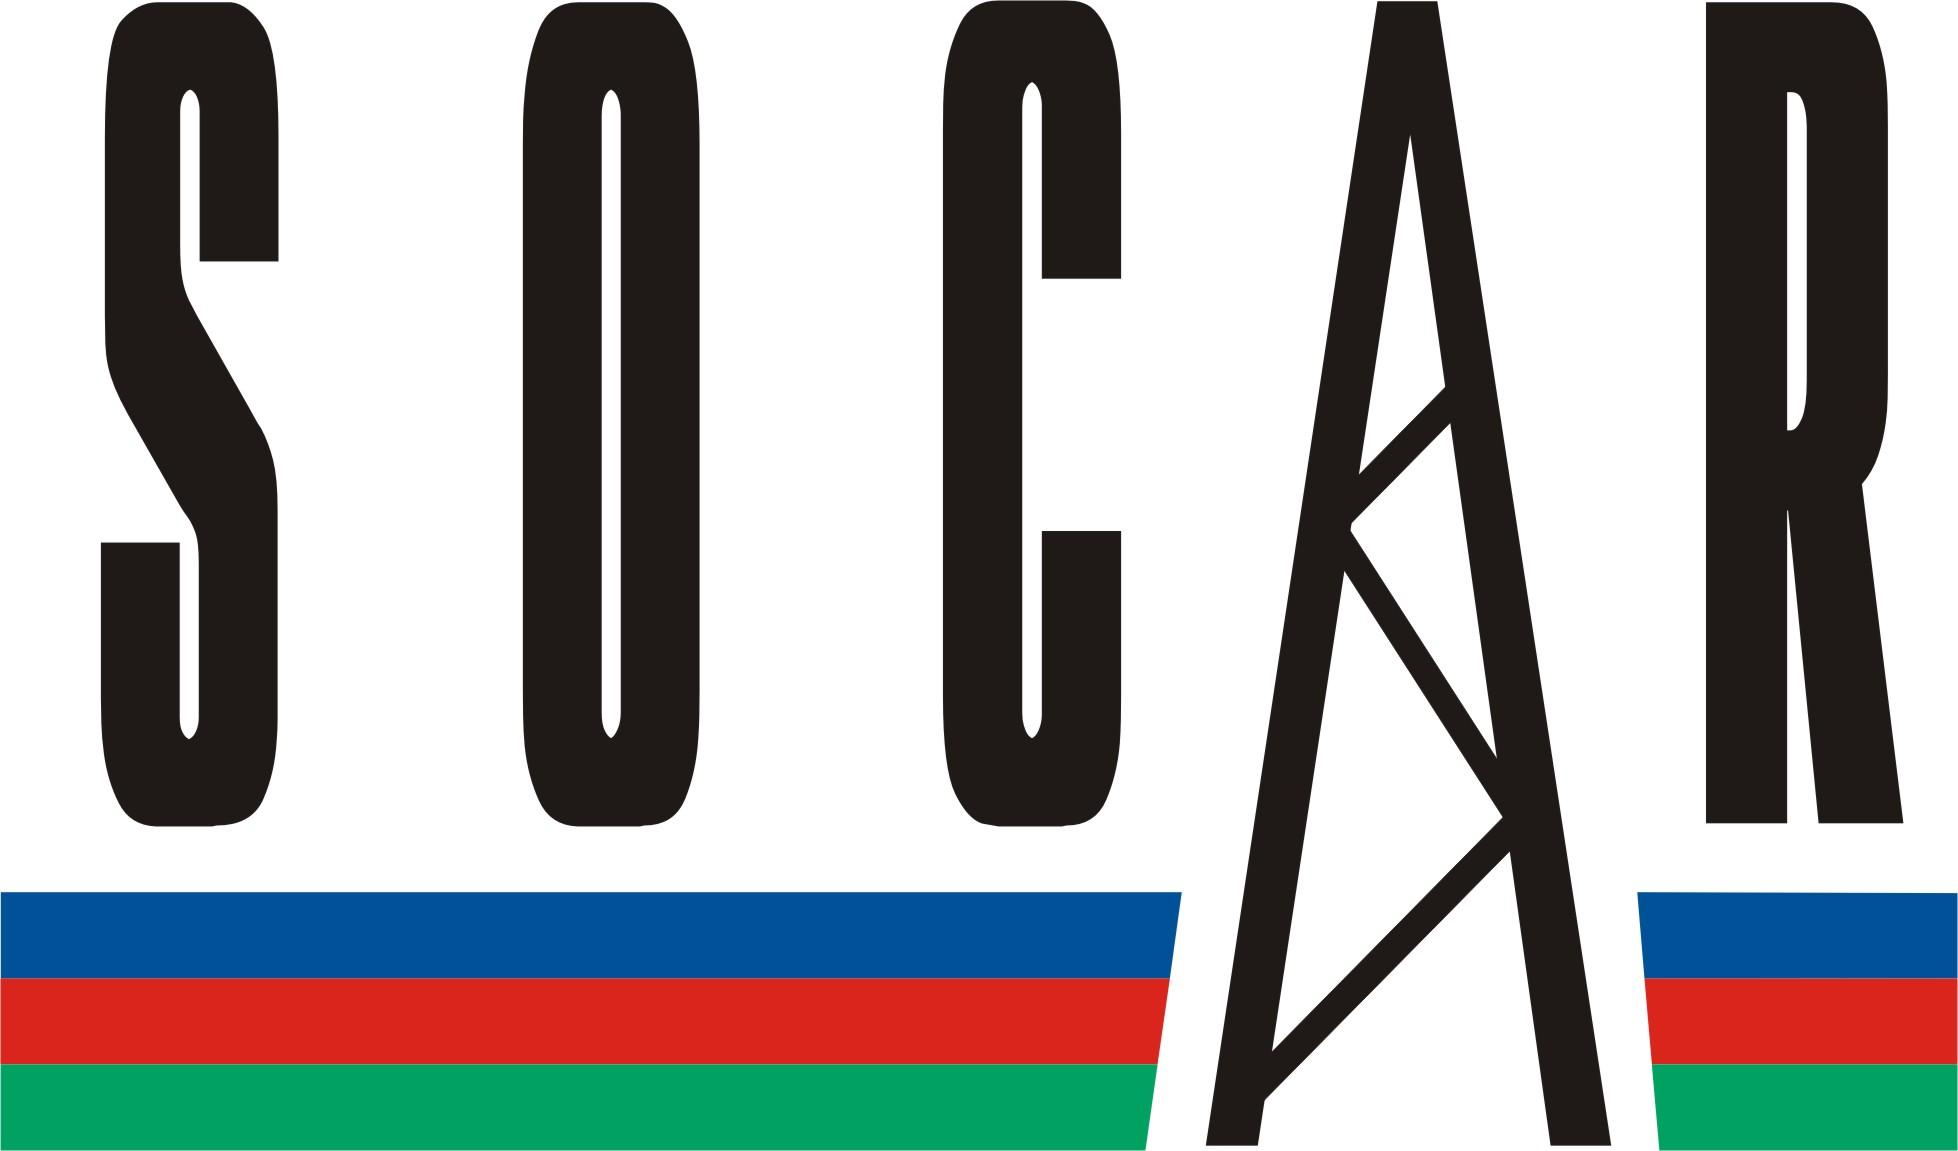 Азербайджан тянет с выбором партнёра по транспортировке своего газа в Европу